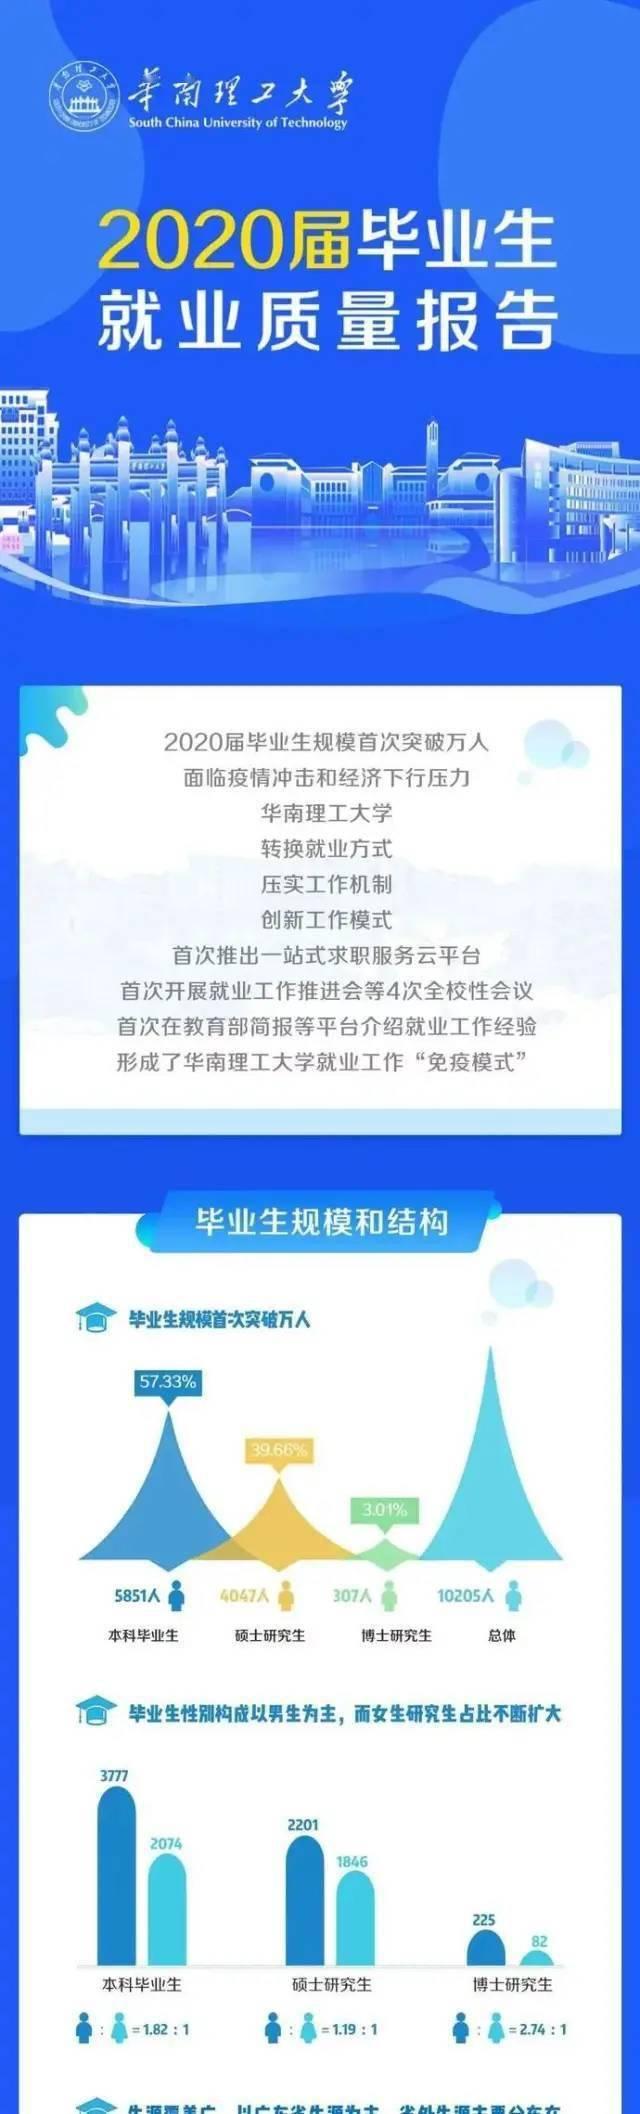 就业丨华南理工大学就业质量报告来啦!